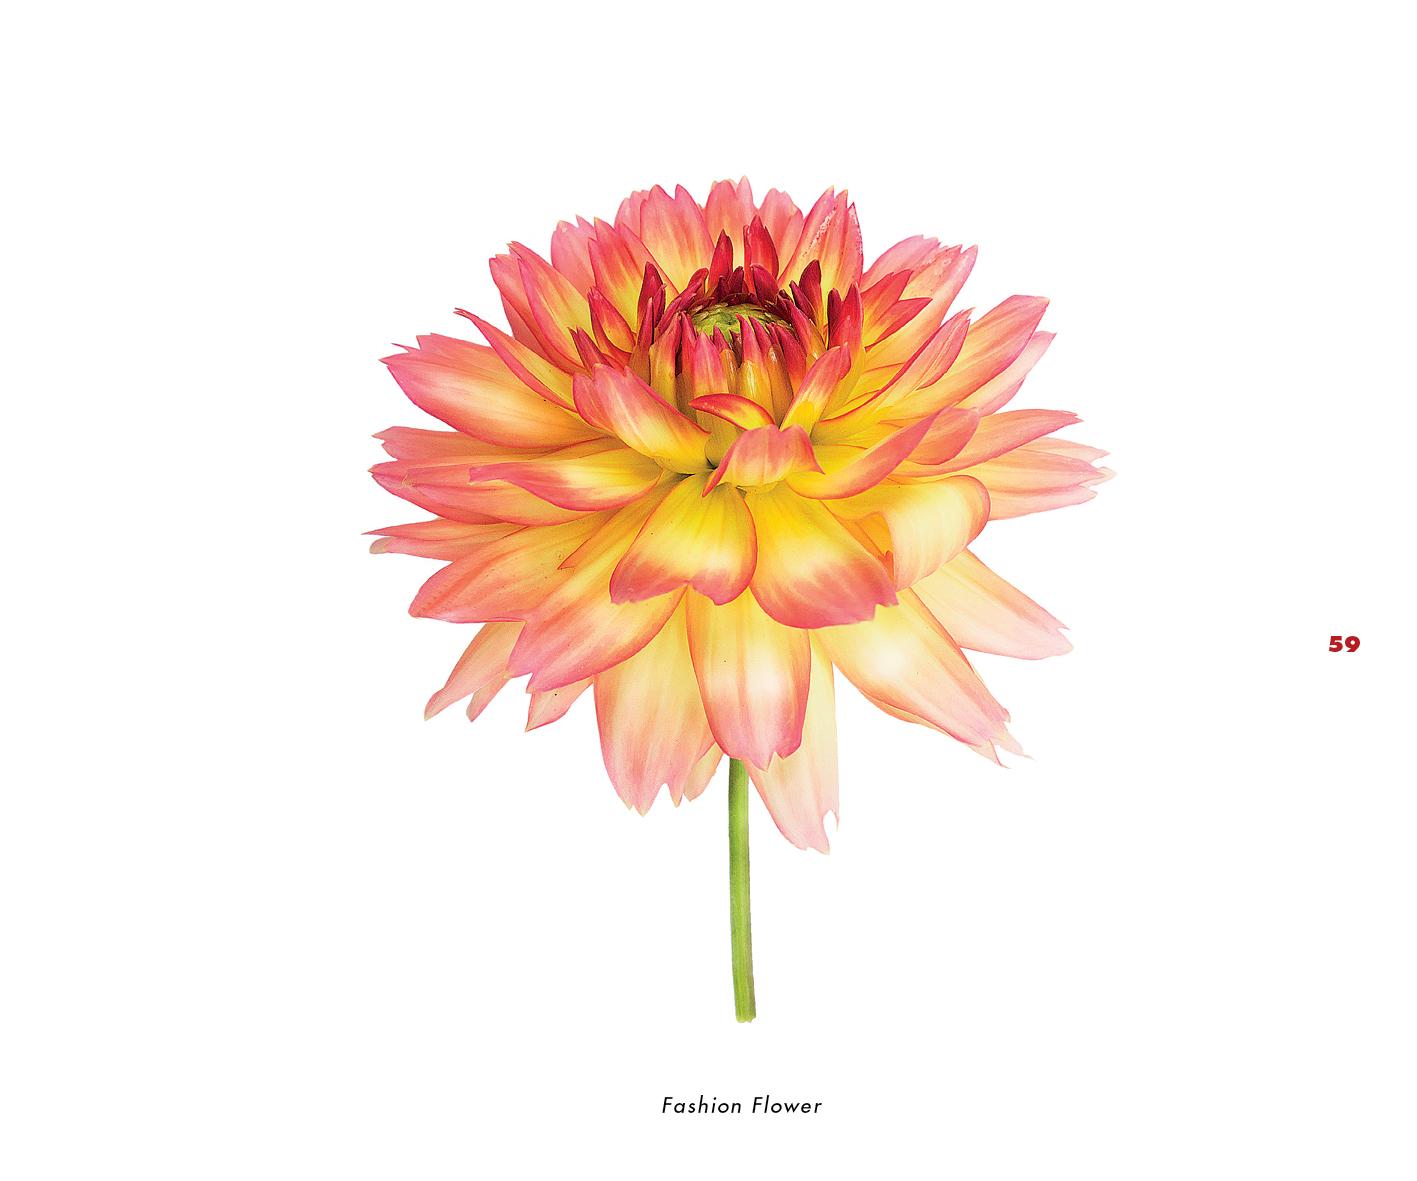 Fleurs et jardins imaginaires 59